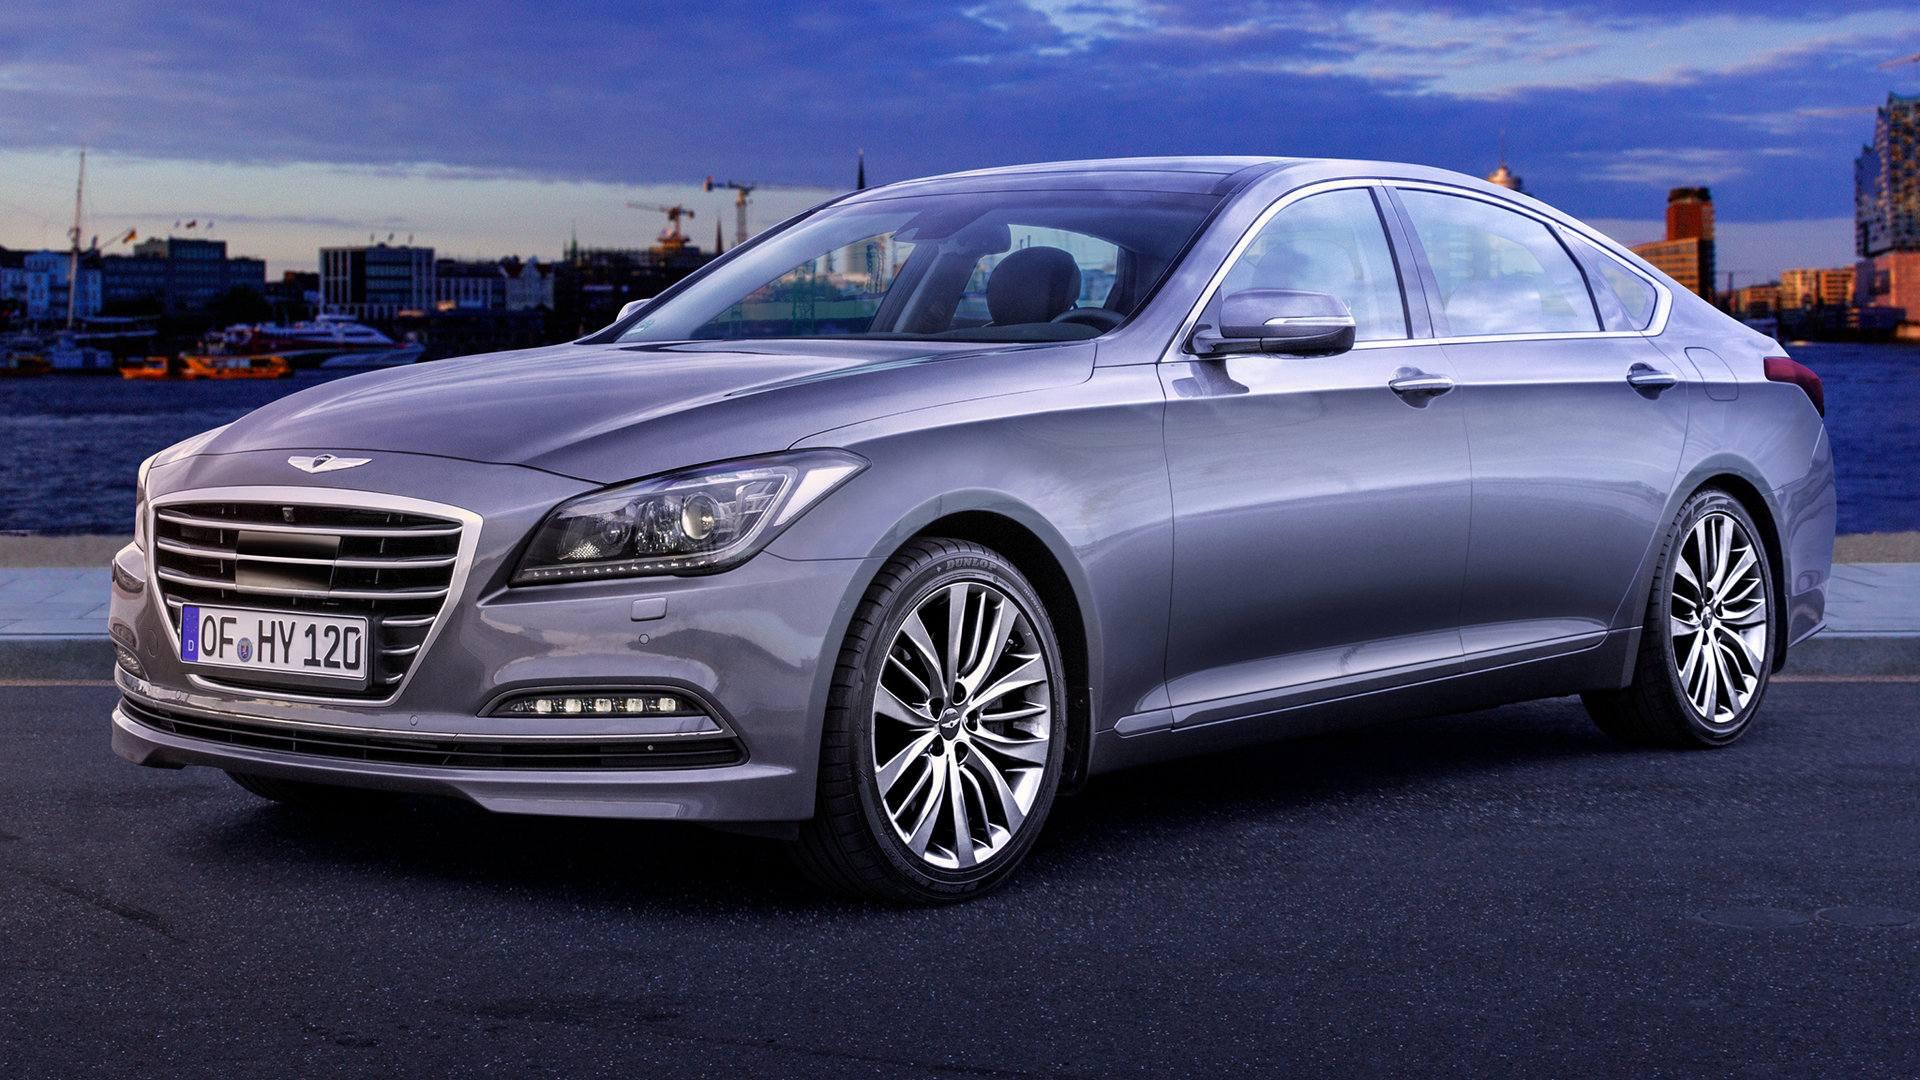 Coche del día: Hyundai Genesis Sedán (DH)